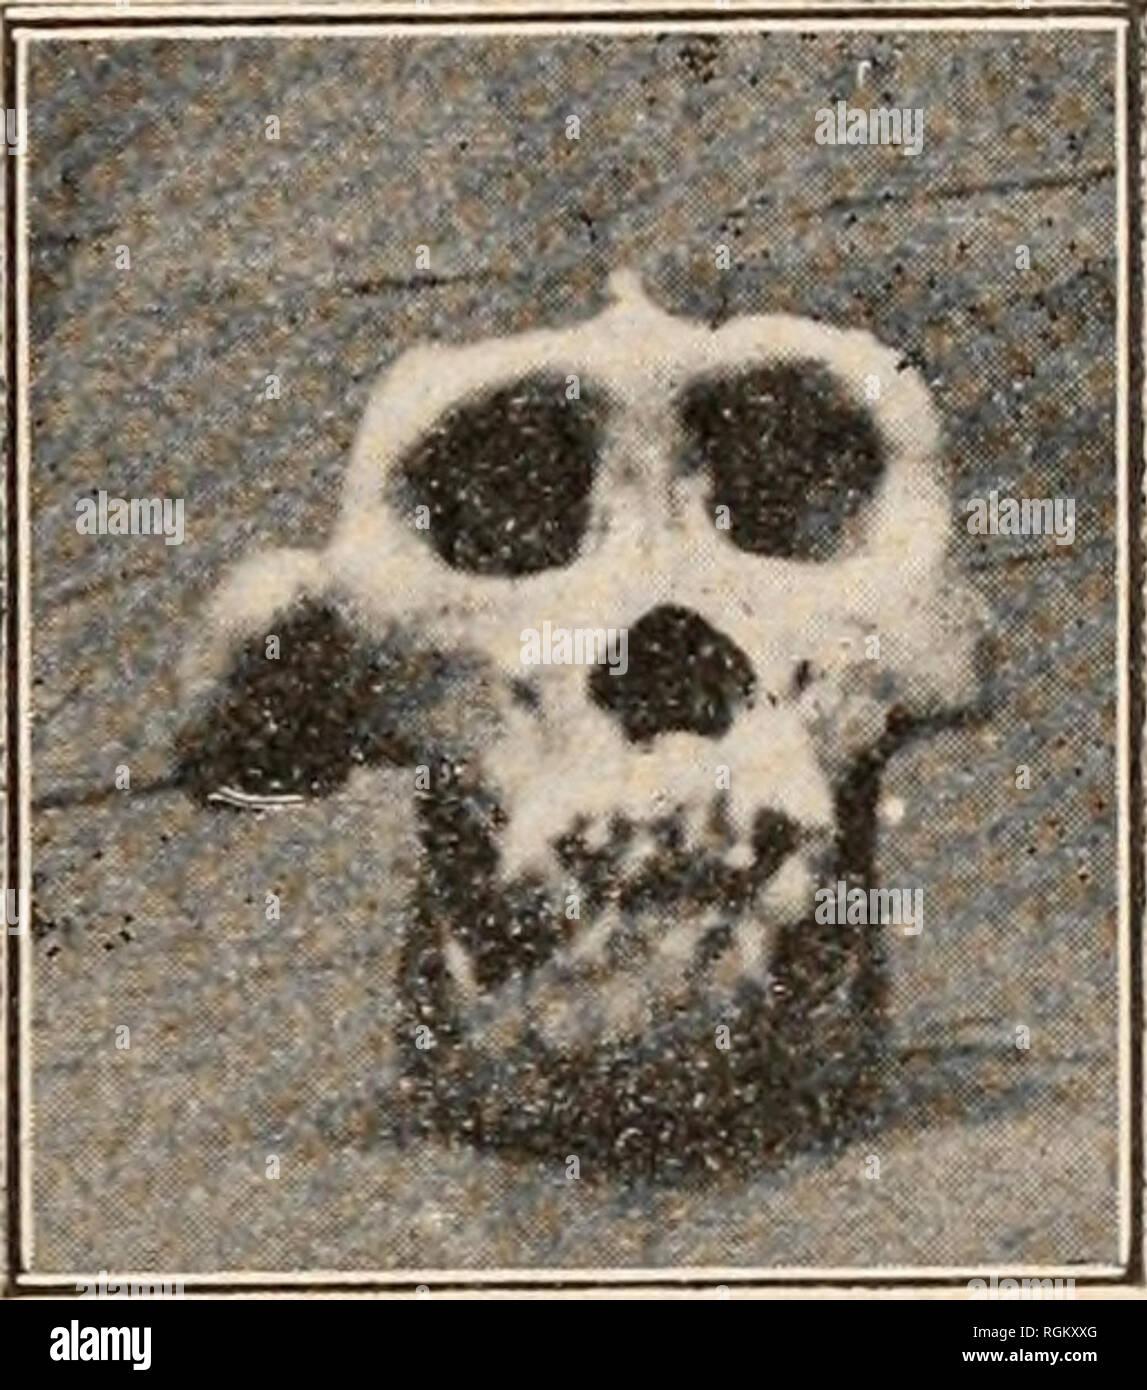 . Bulletin de la Société zoologique de France. Zoology. SÃANCE DU 28 DÃCEMBRE 1920 313 Aiijoui'triuii il parait que cela n'a plus le môme mérite car, pour en revenir cà l'observation de M. le professeur Tuouessart, il faut peut-être croire que dans l'Est Africain on les rencontre en plus grand nombre. En effet, depuis quelques années j'ai pu constater l'arrivée de plusieurs squelettes et d'un nombre assez important de crânes de Gorilles chez M. Rouppert, ostéologiste, rue de l'Ecole de médecine à Paris. Ces squelettes et crânes pro- viennent de l'intérieur vers Brazzaville En parla - Stock Image